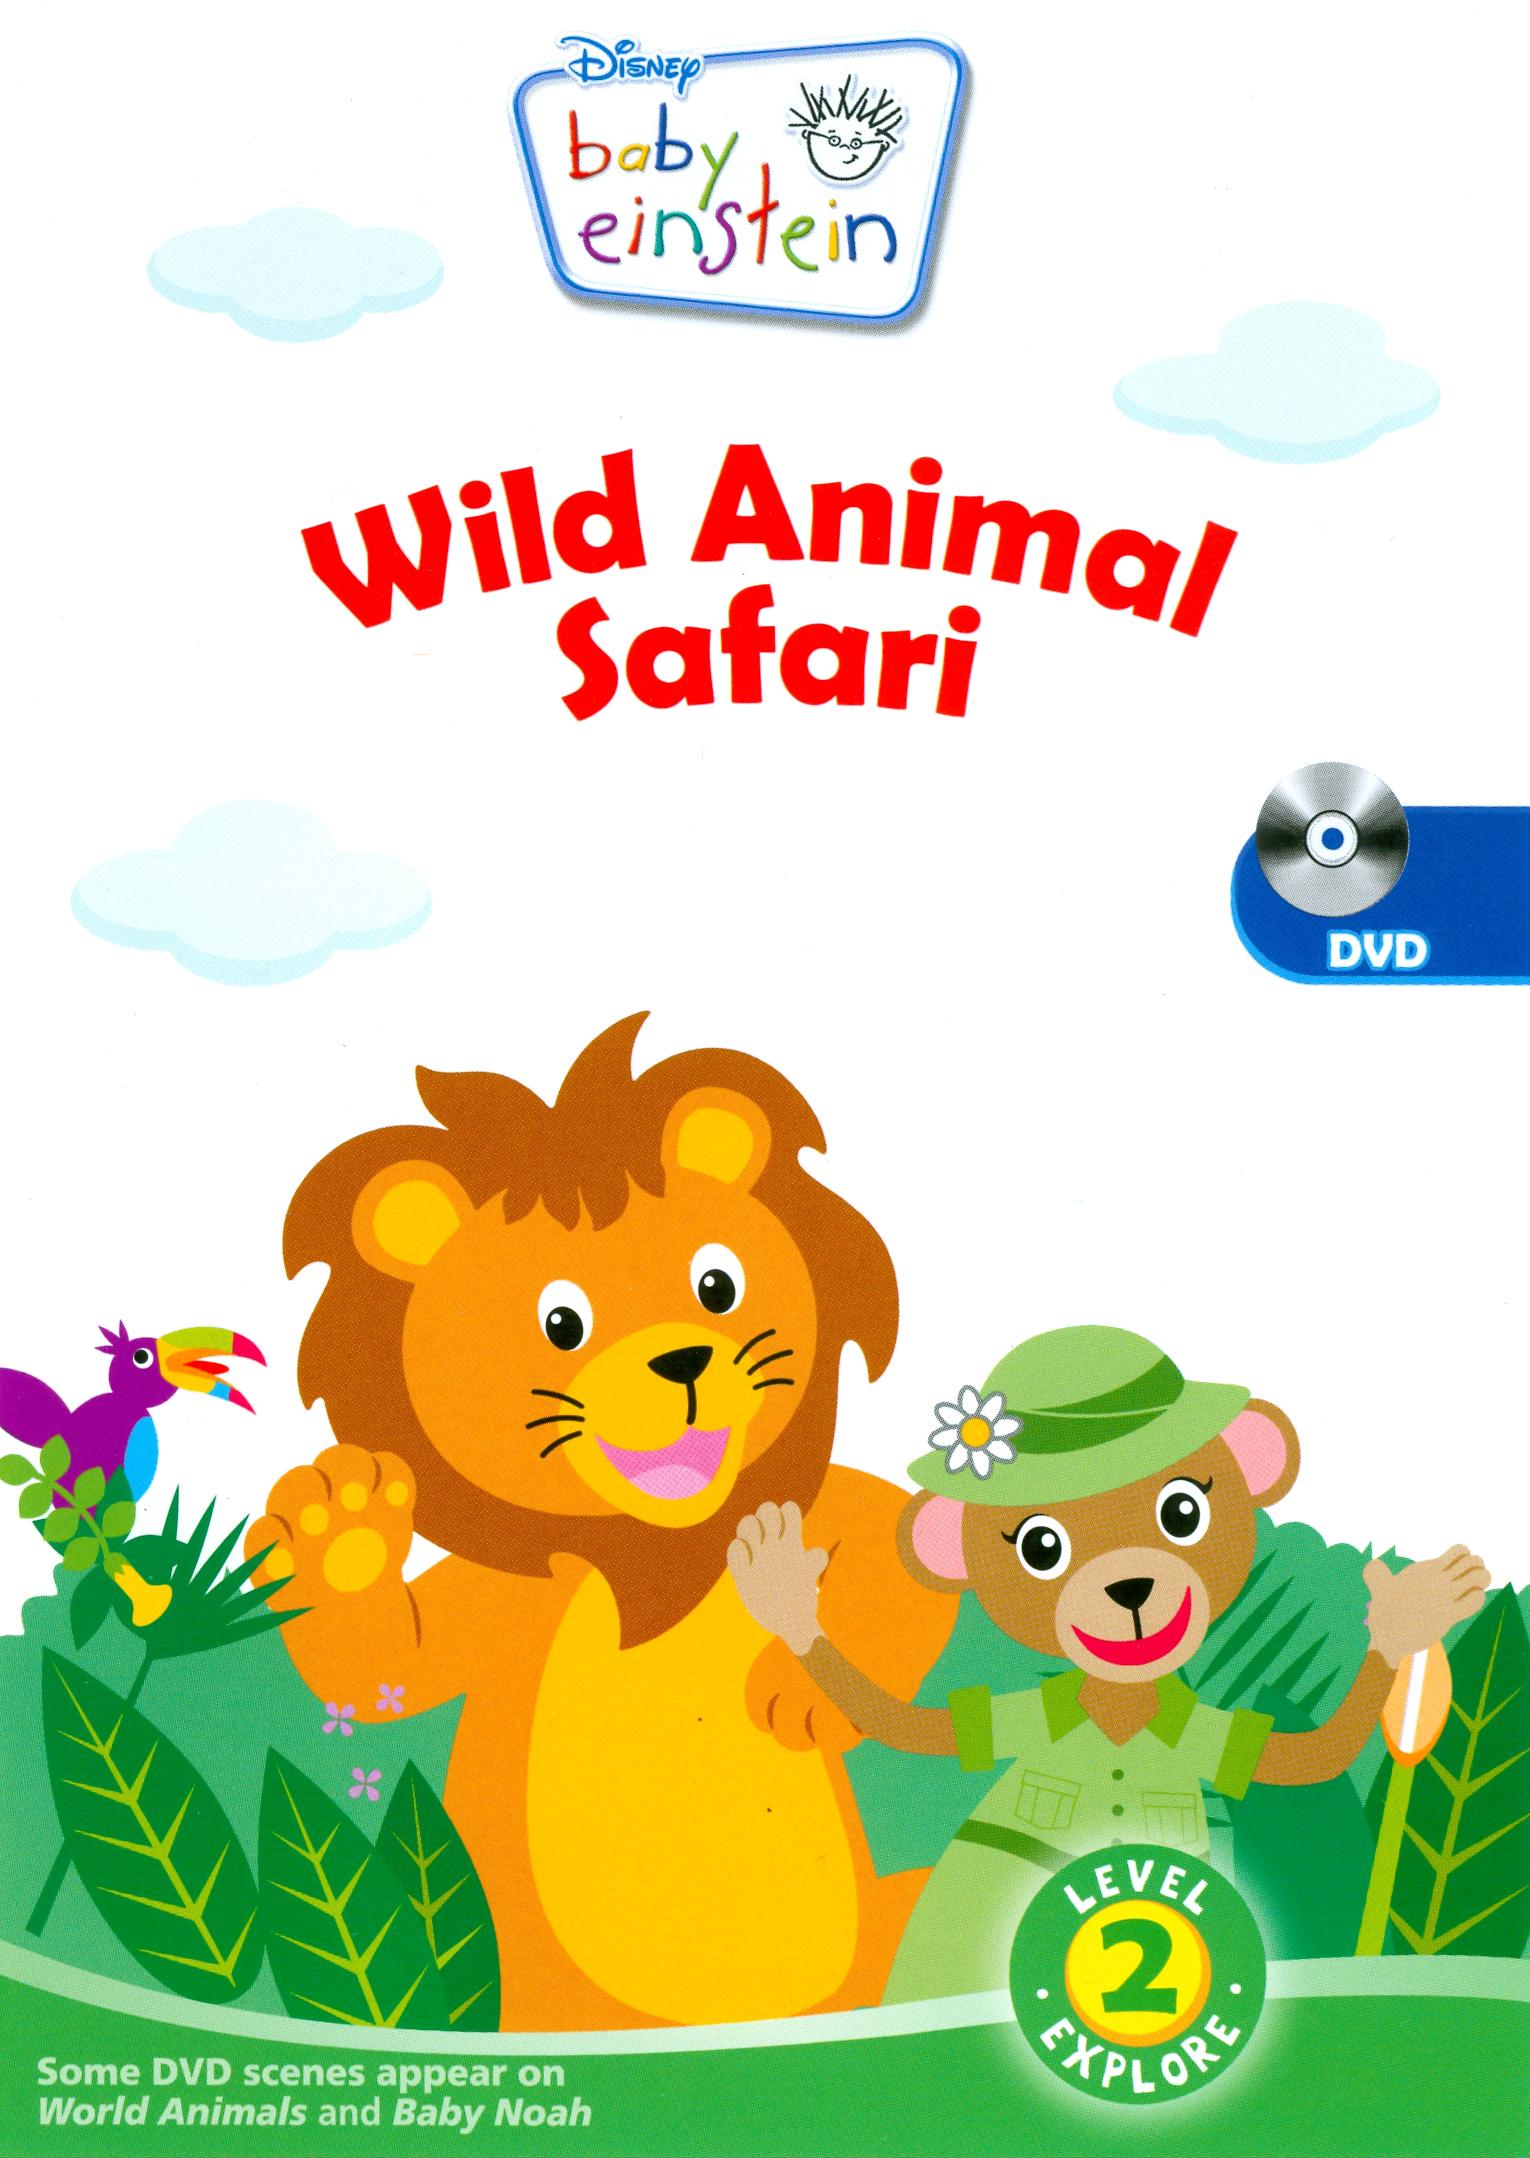 Baby Einstein: Wild Animal Safari